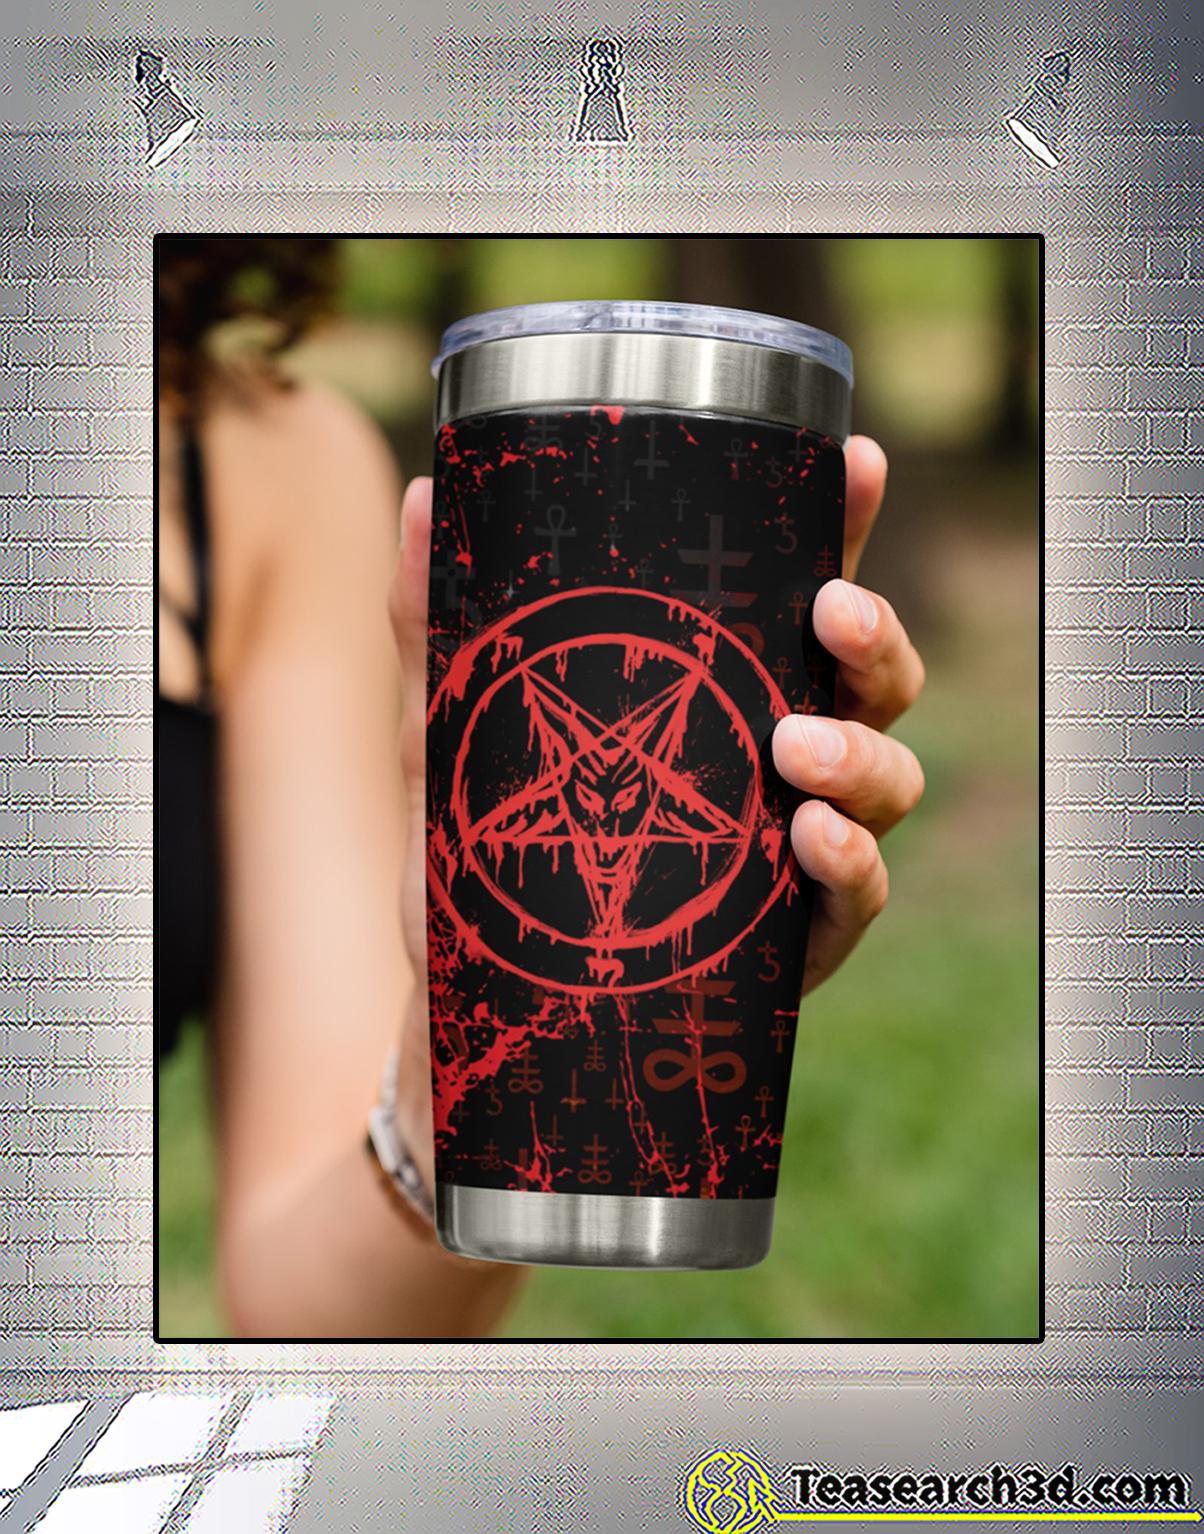 Satan symbol tumbler 3